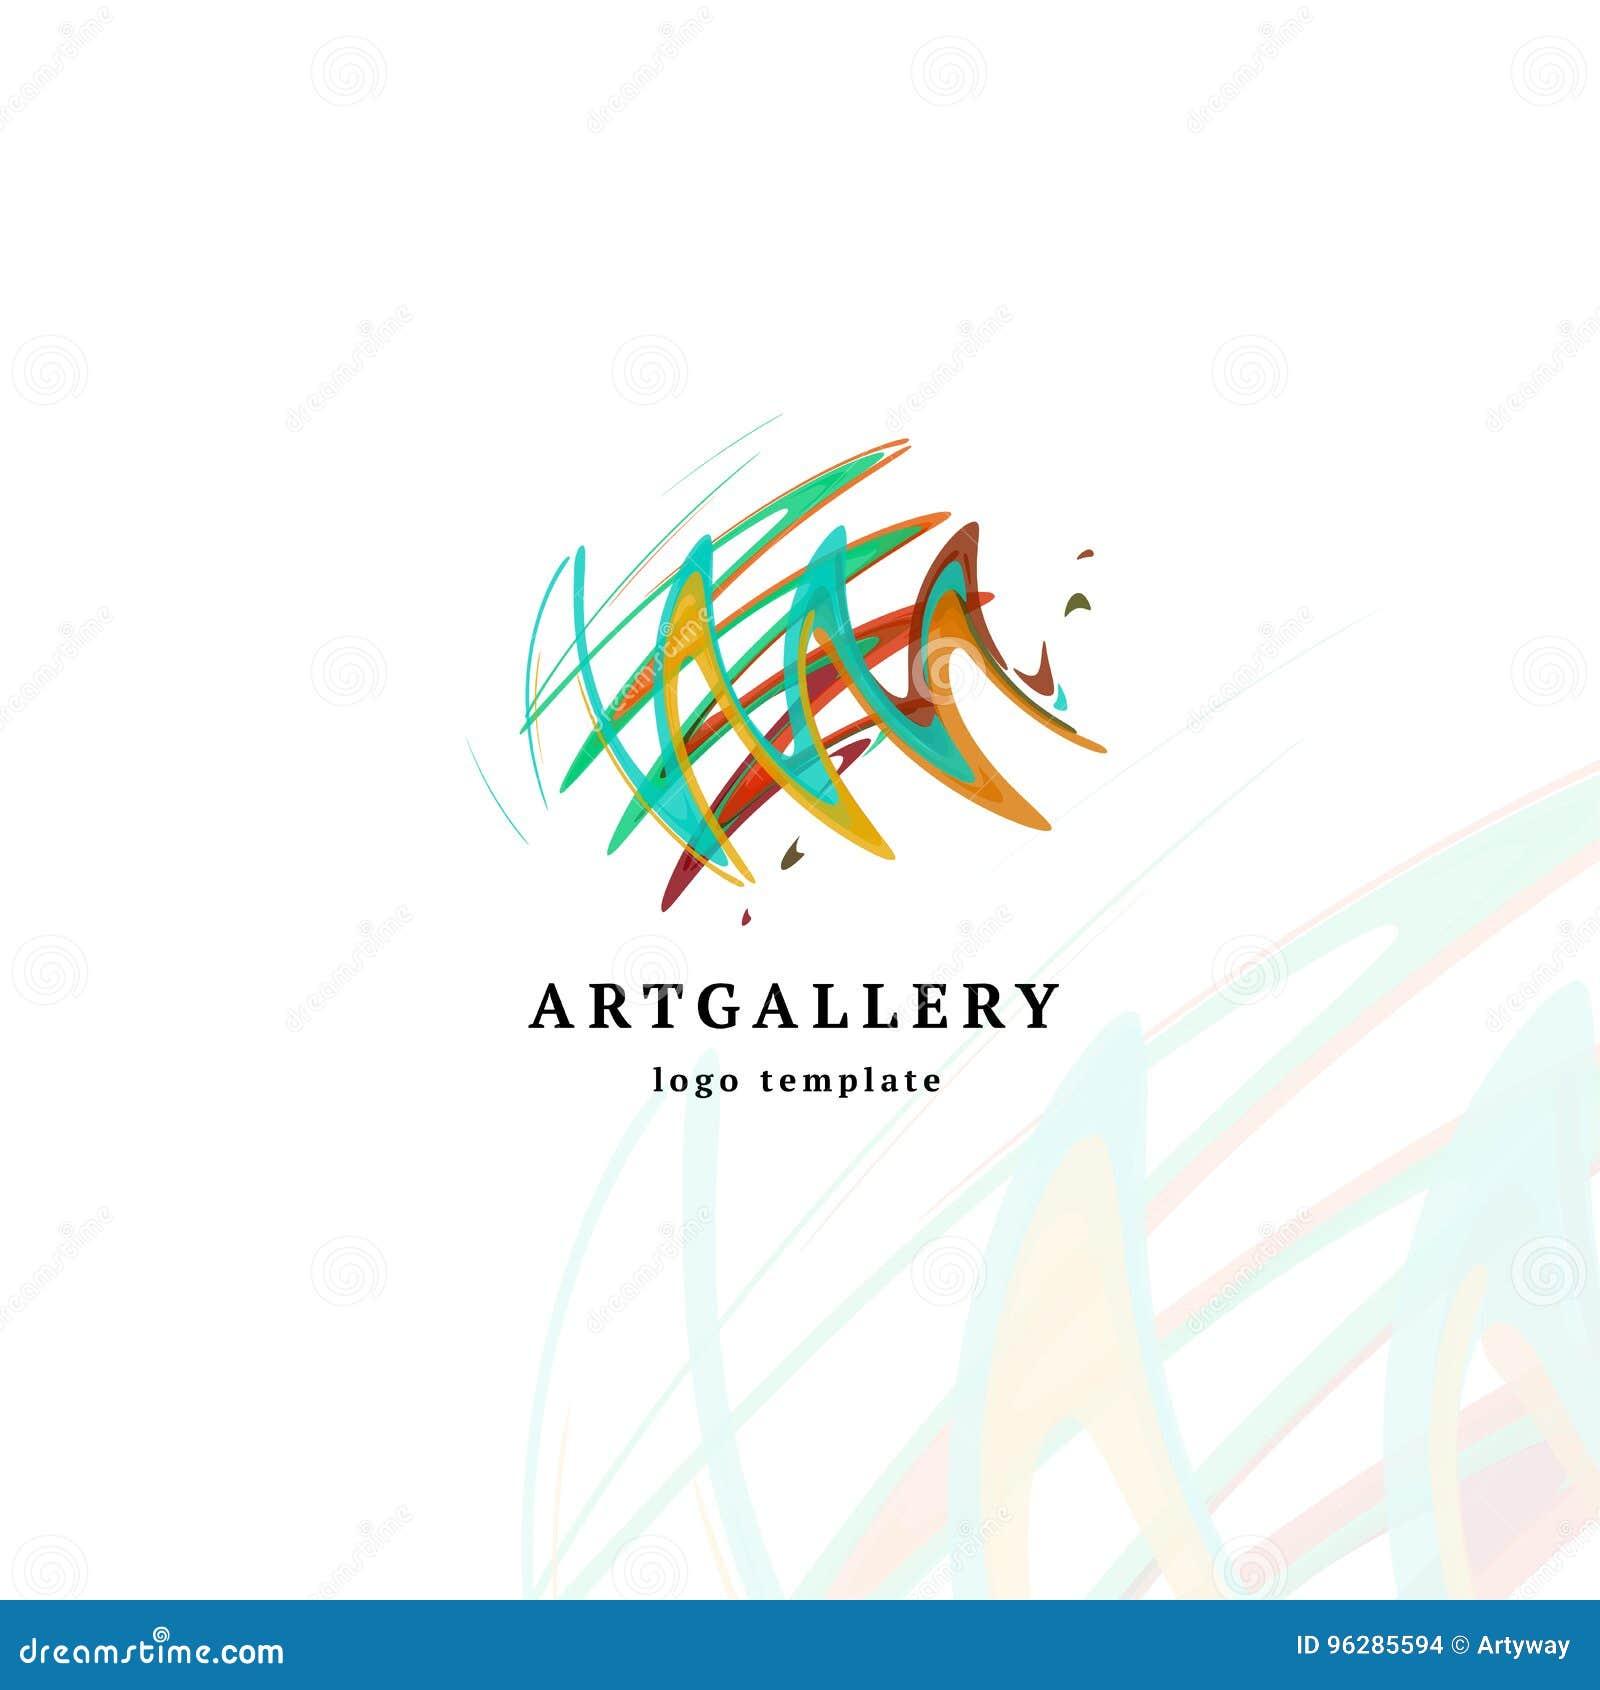 Logotipo moderno del vector de la galería de arte abstracto Logotipo aislado inusual de la imagen de la pintura Bosquejo creativo